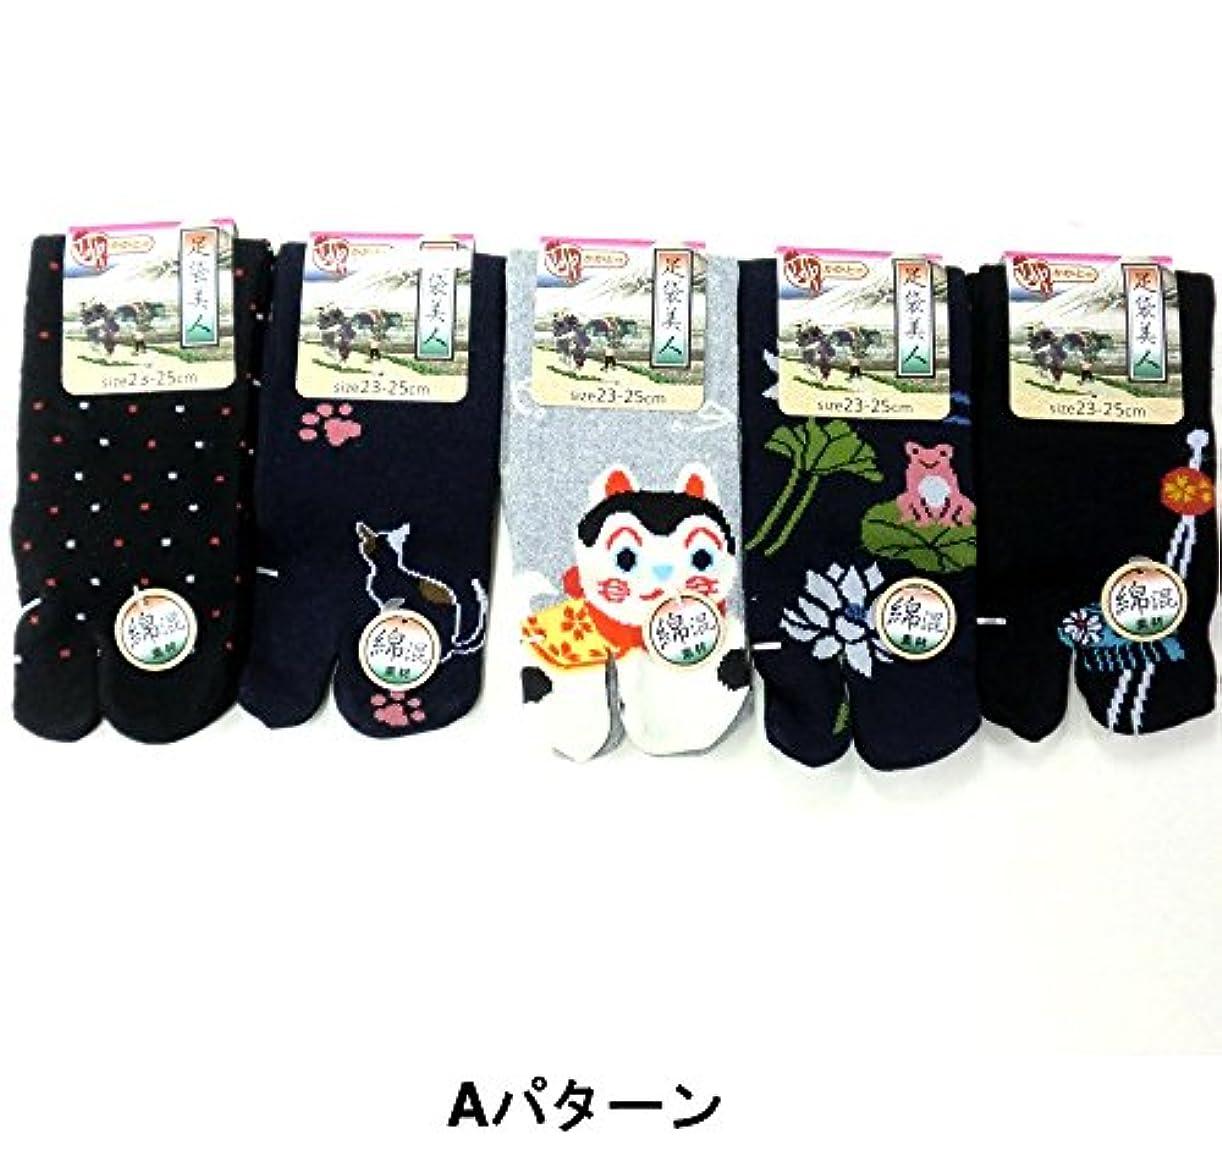 夏獲物コンチネンタル足袋 ソックス レディース 和柄 かわいい 綿混 23-25cm お買い得5足セット (Aパターン)